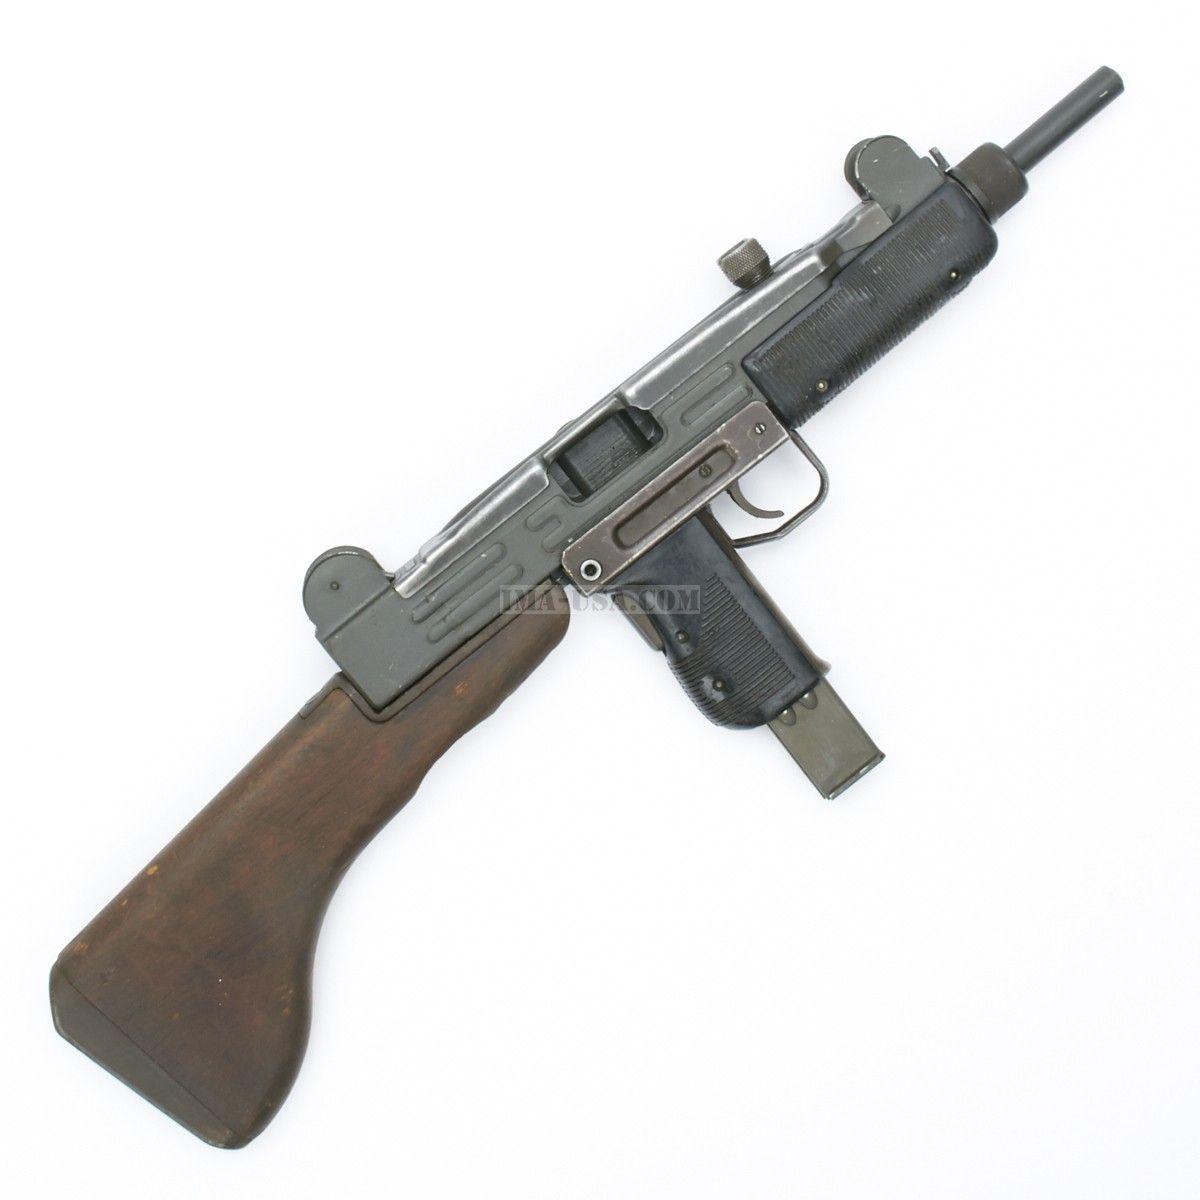 Original Israeli UZI Display Submachine Gun with Wood ...